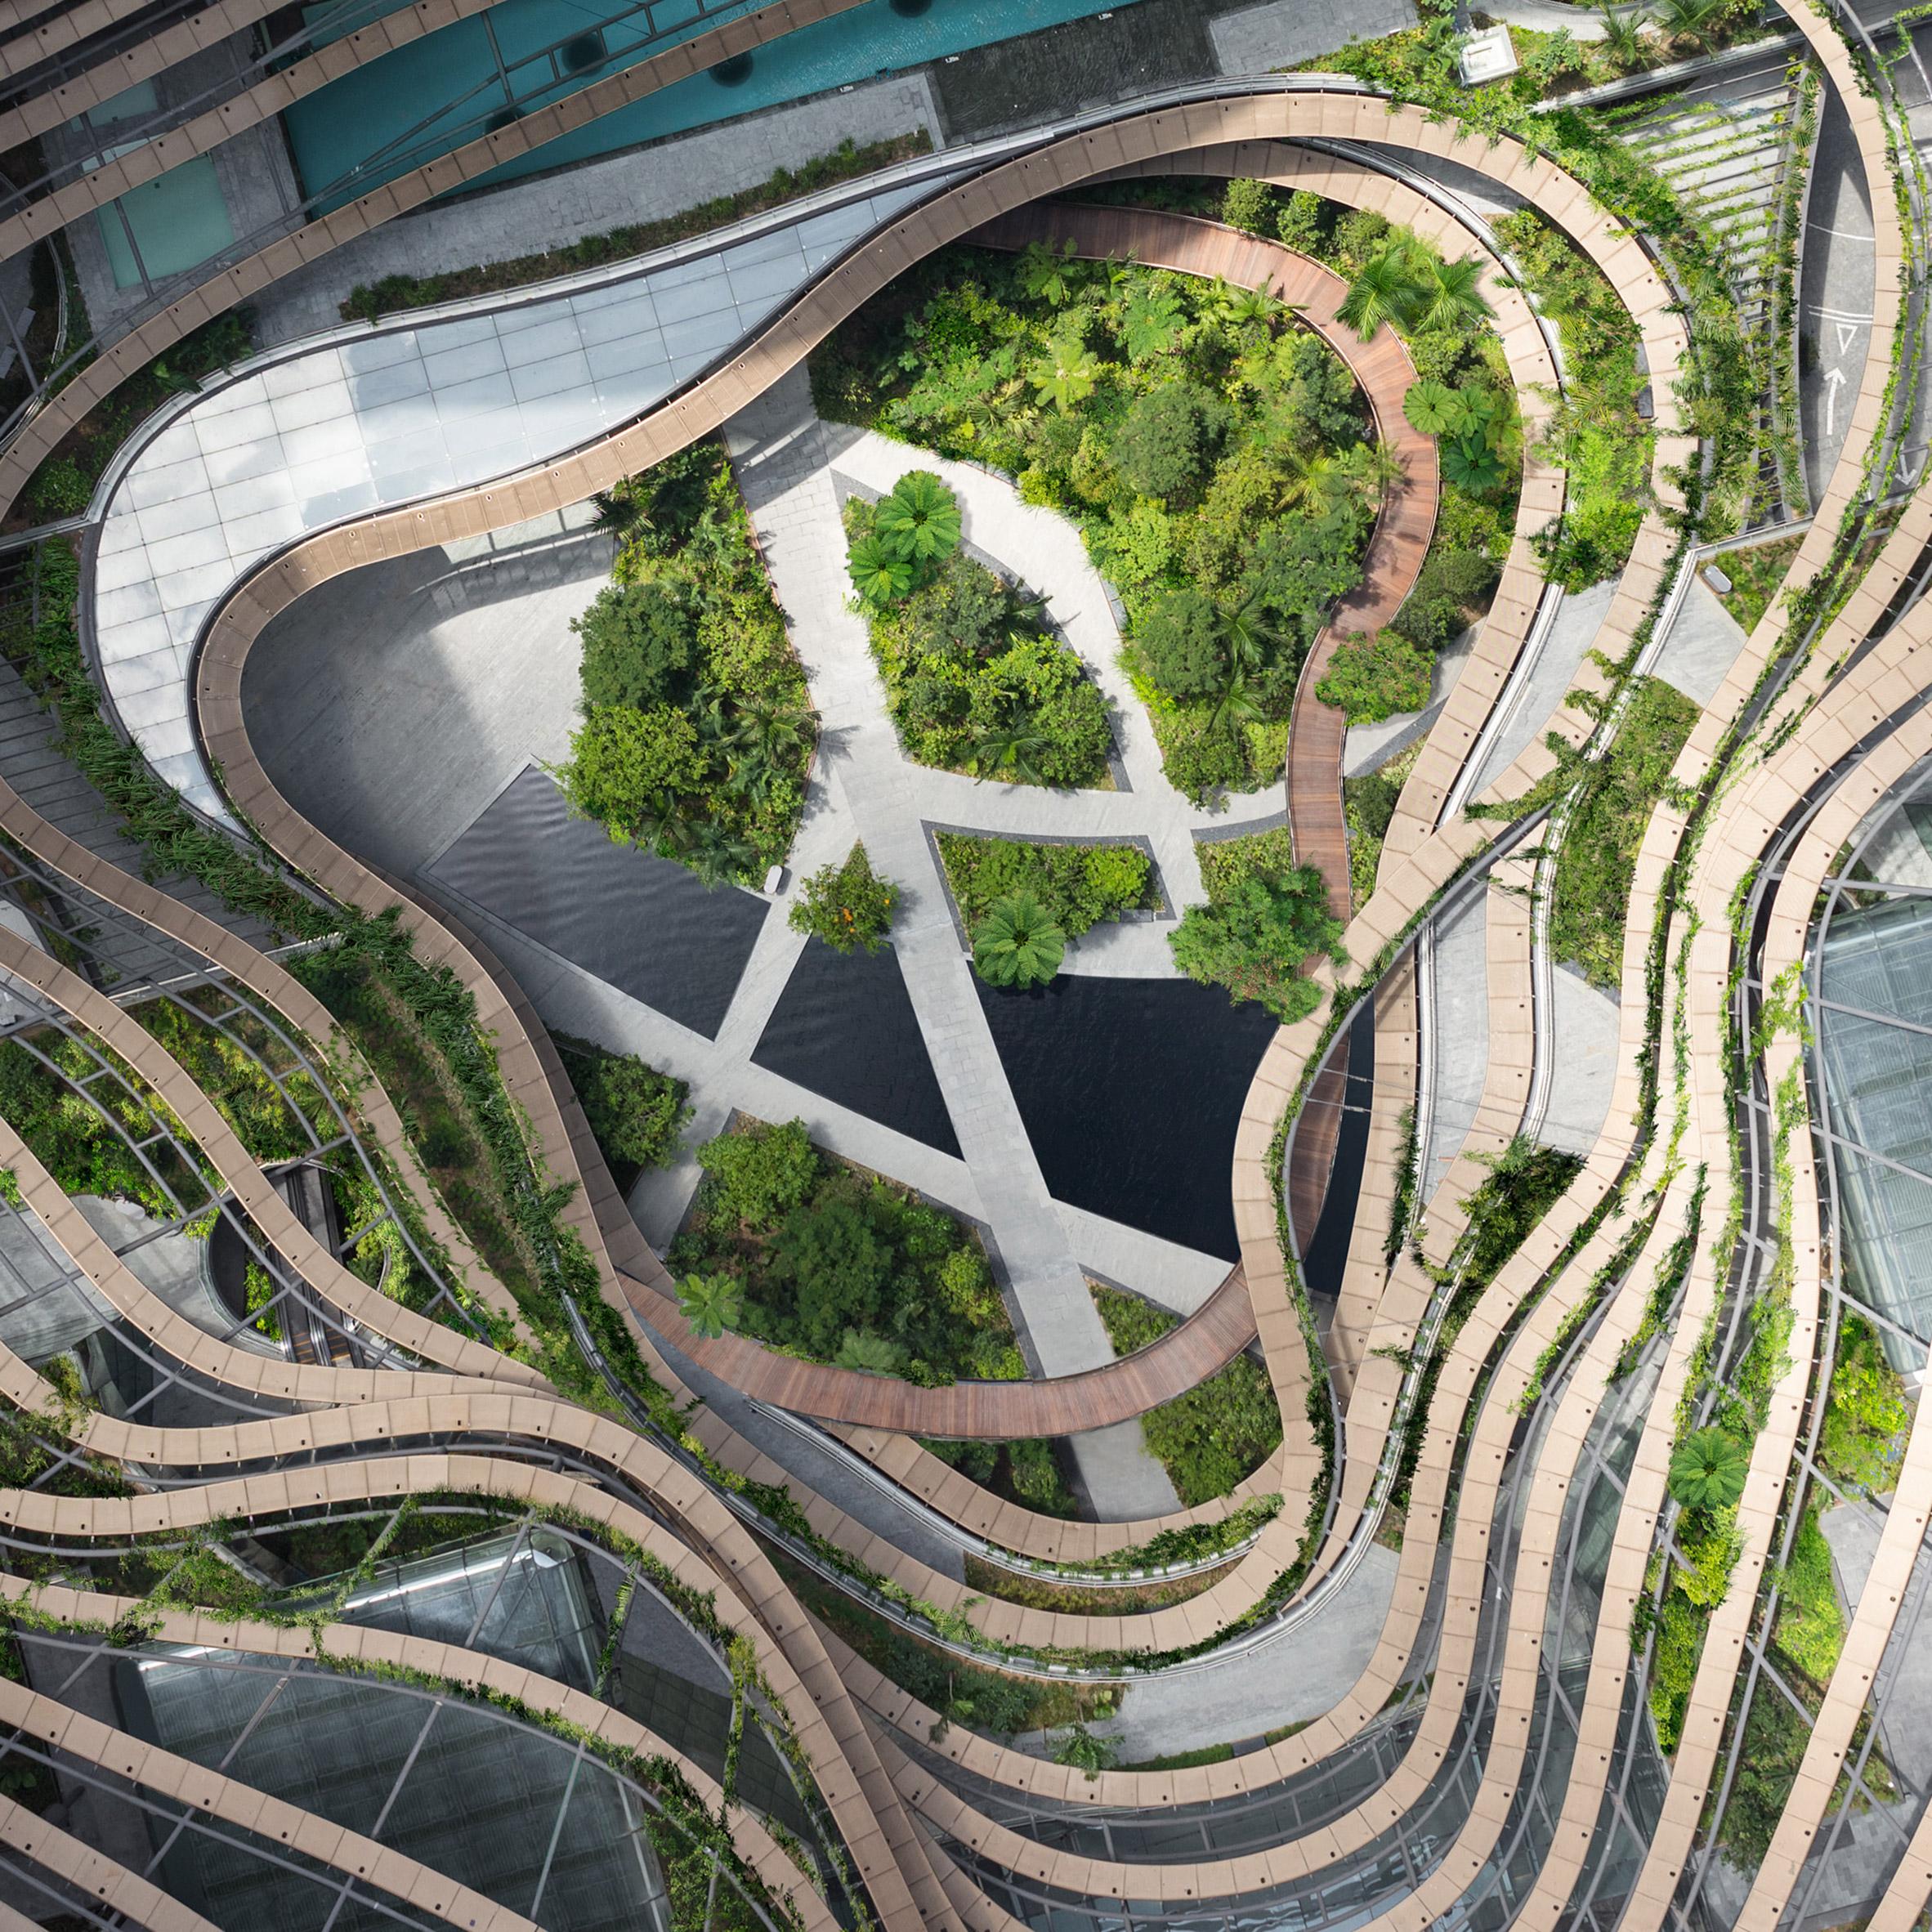 Marina One by Ingenhoven Architects